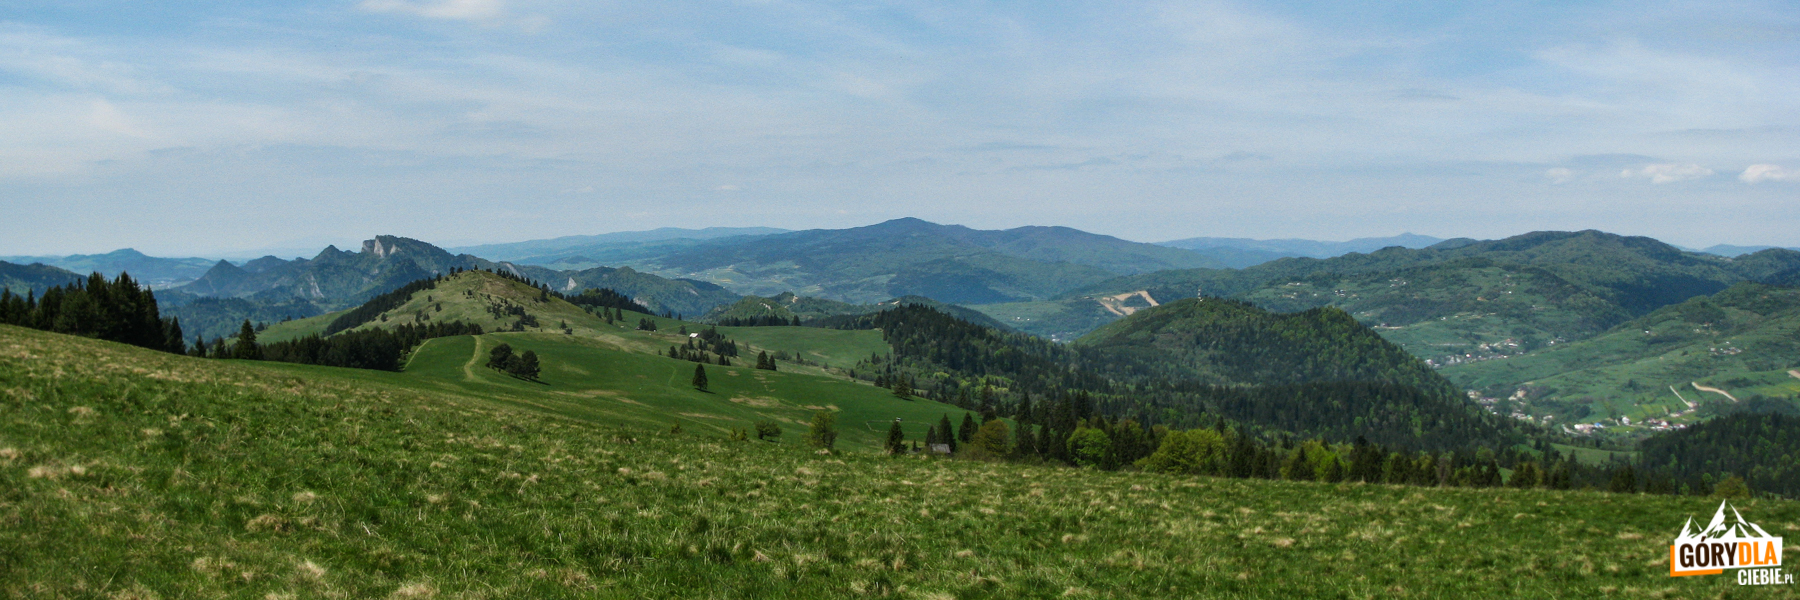 Widok zDurbaszki (934 m) - odlewej: Pieniny Właściwe (Trzy Korony), grań Małych Pienin (Wysoki Wierch), Gorce (Lubań), Beskid Wyspowy (Mogielica) iPasmo Przehyby